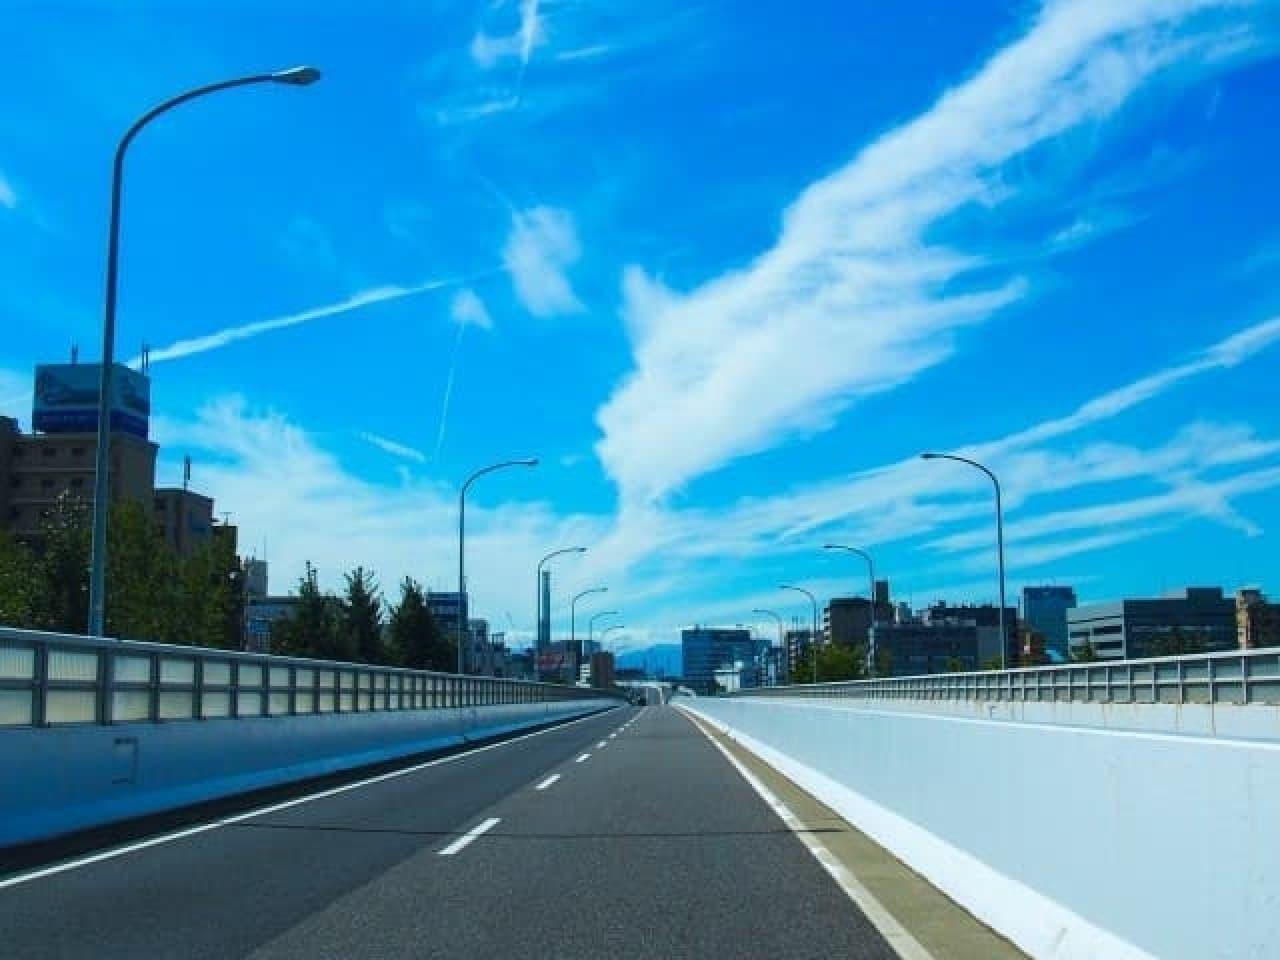 高速道路の風景写真